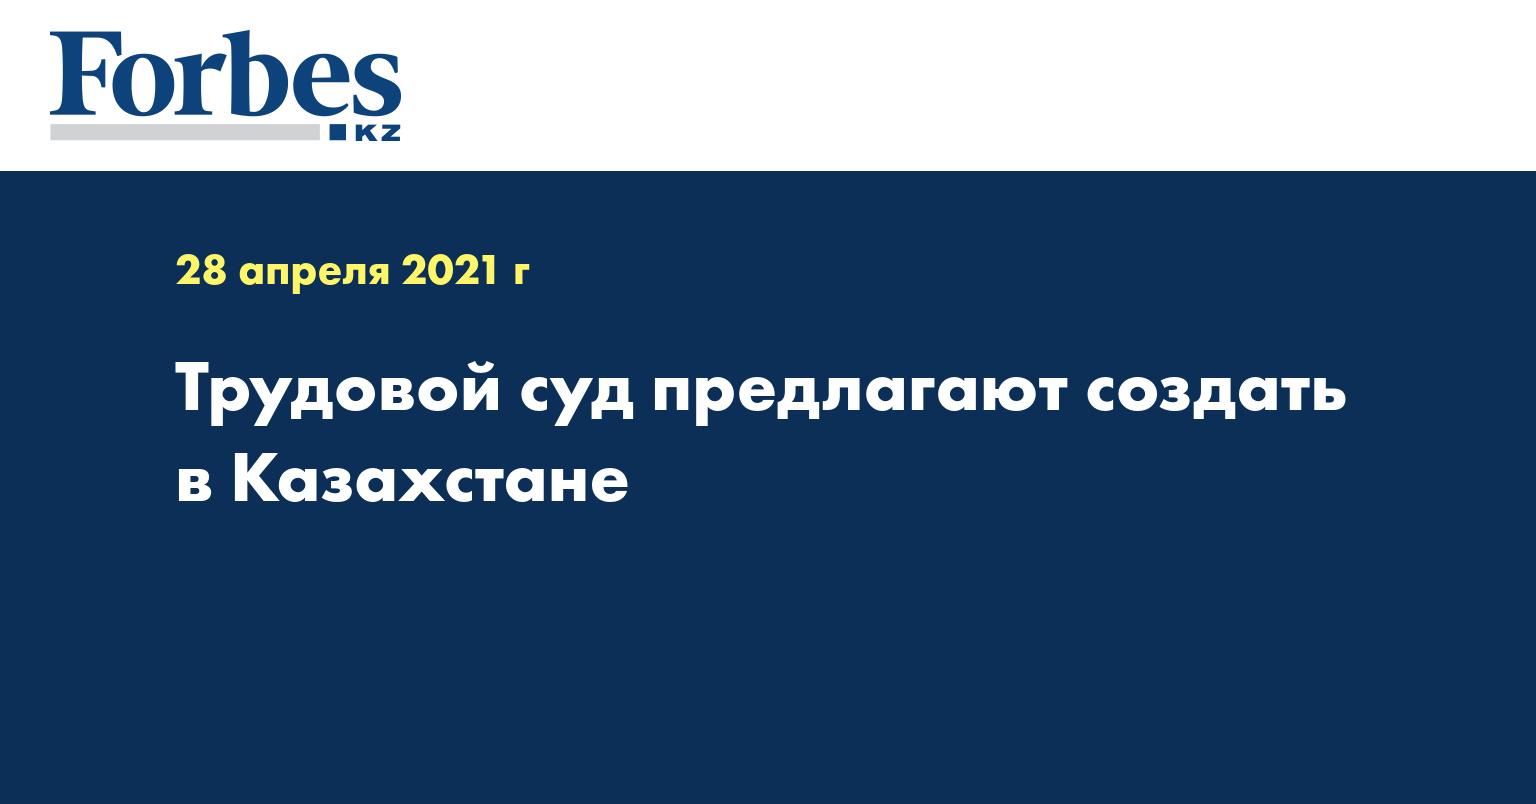 Трудовой суд предлагают создать в Казахстане